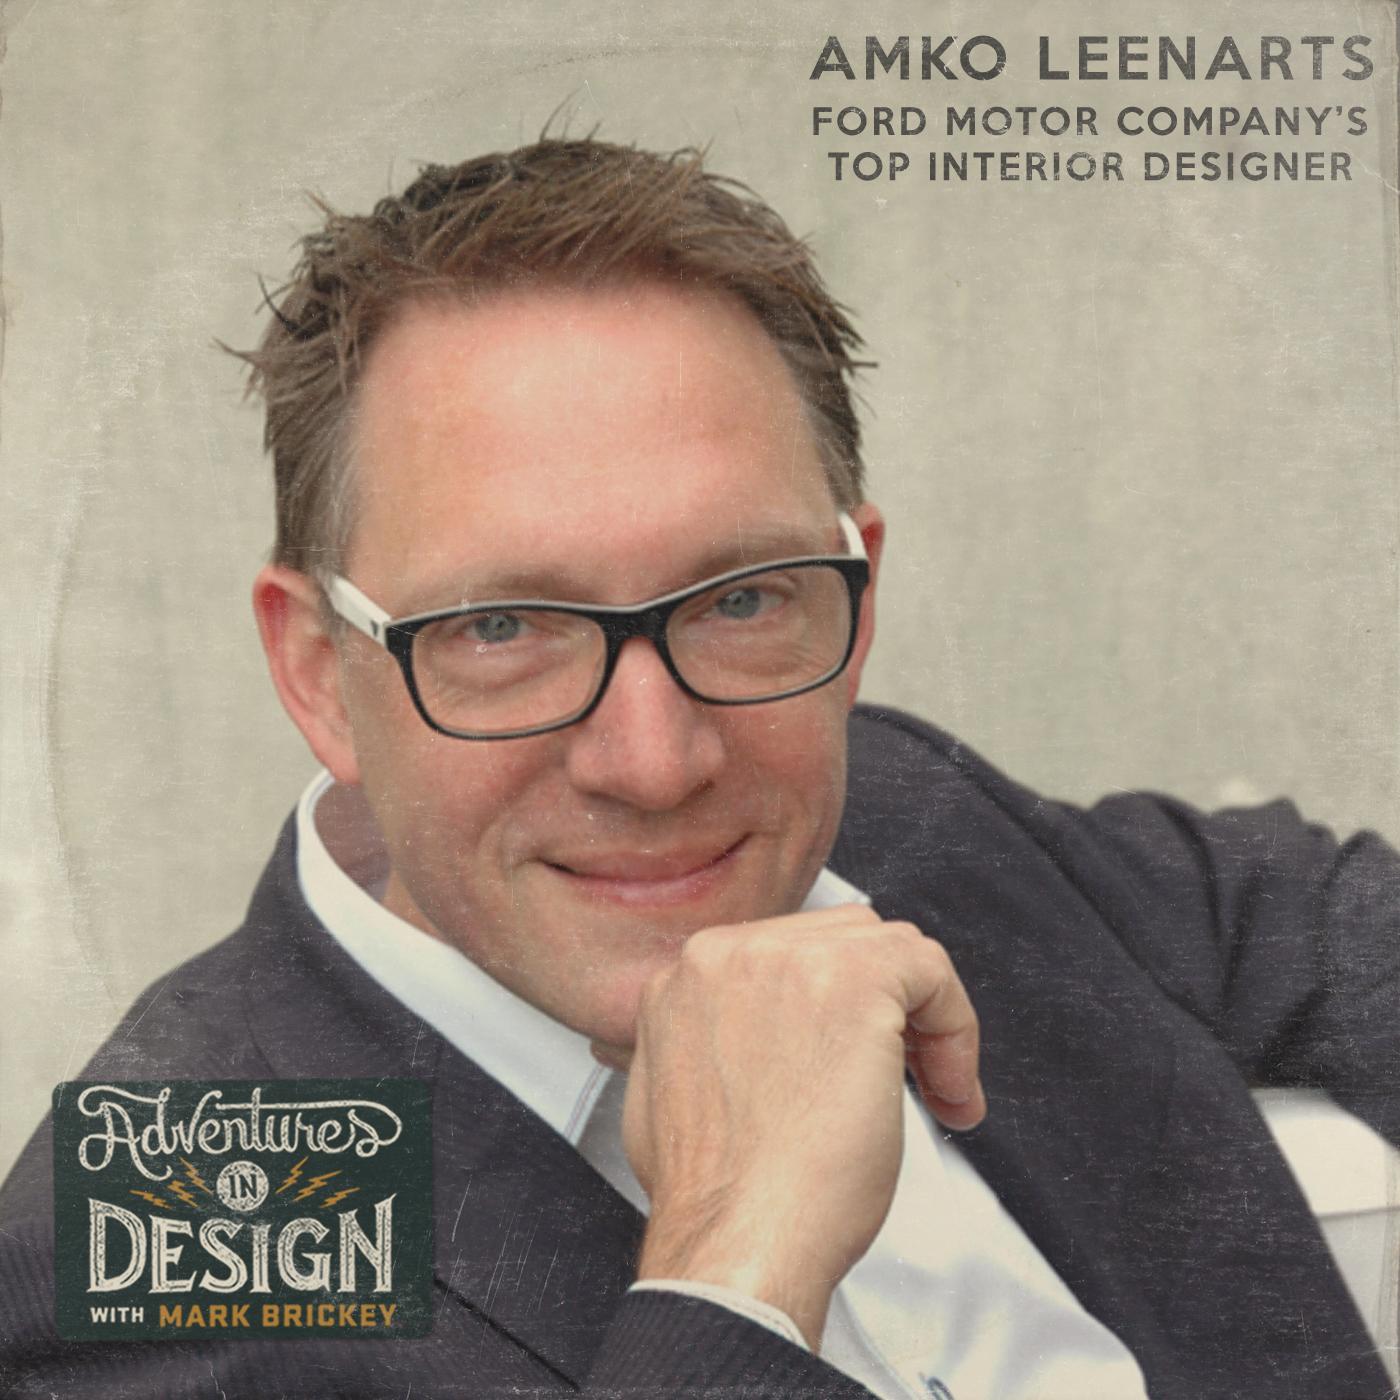 Episode 392 - Amko Leenarts head interior designer for Ford Motor Co.